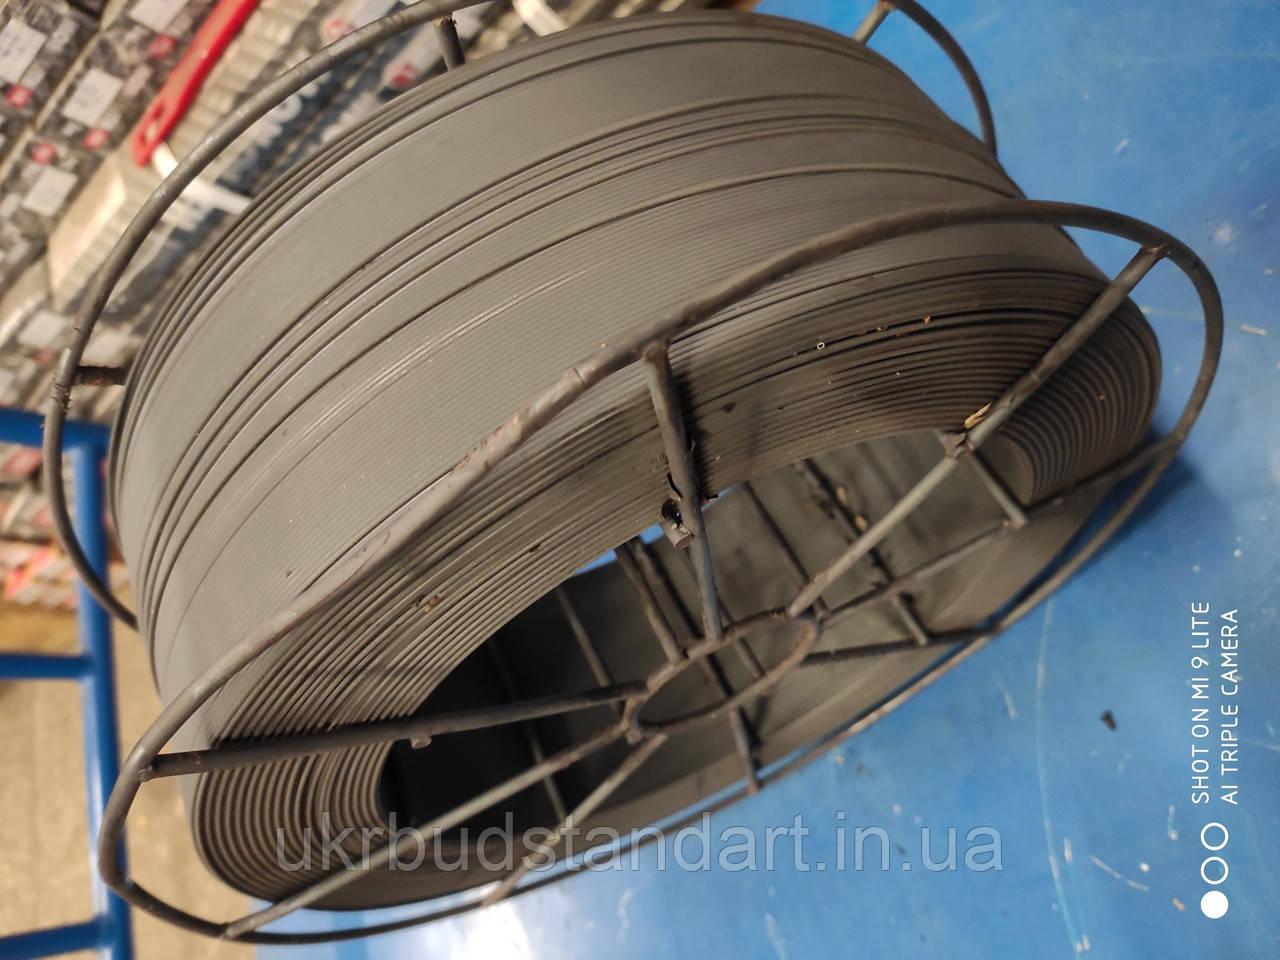 Дріт сталевий термічно оброблена Ф 1,2 (18 кг)